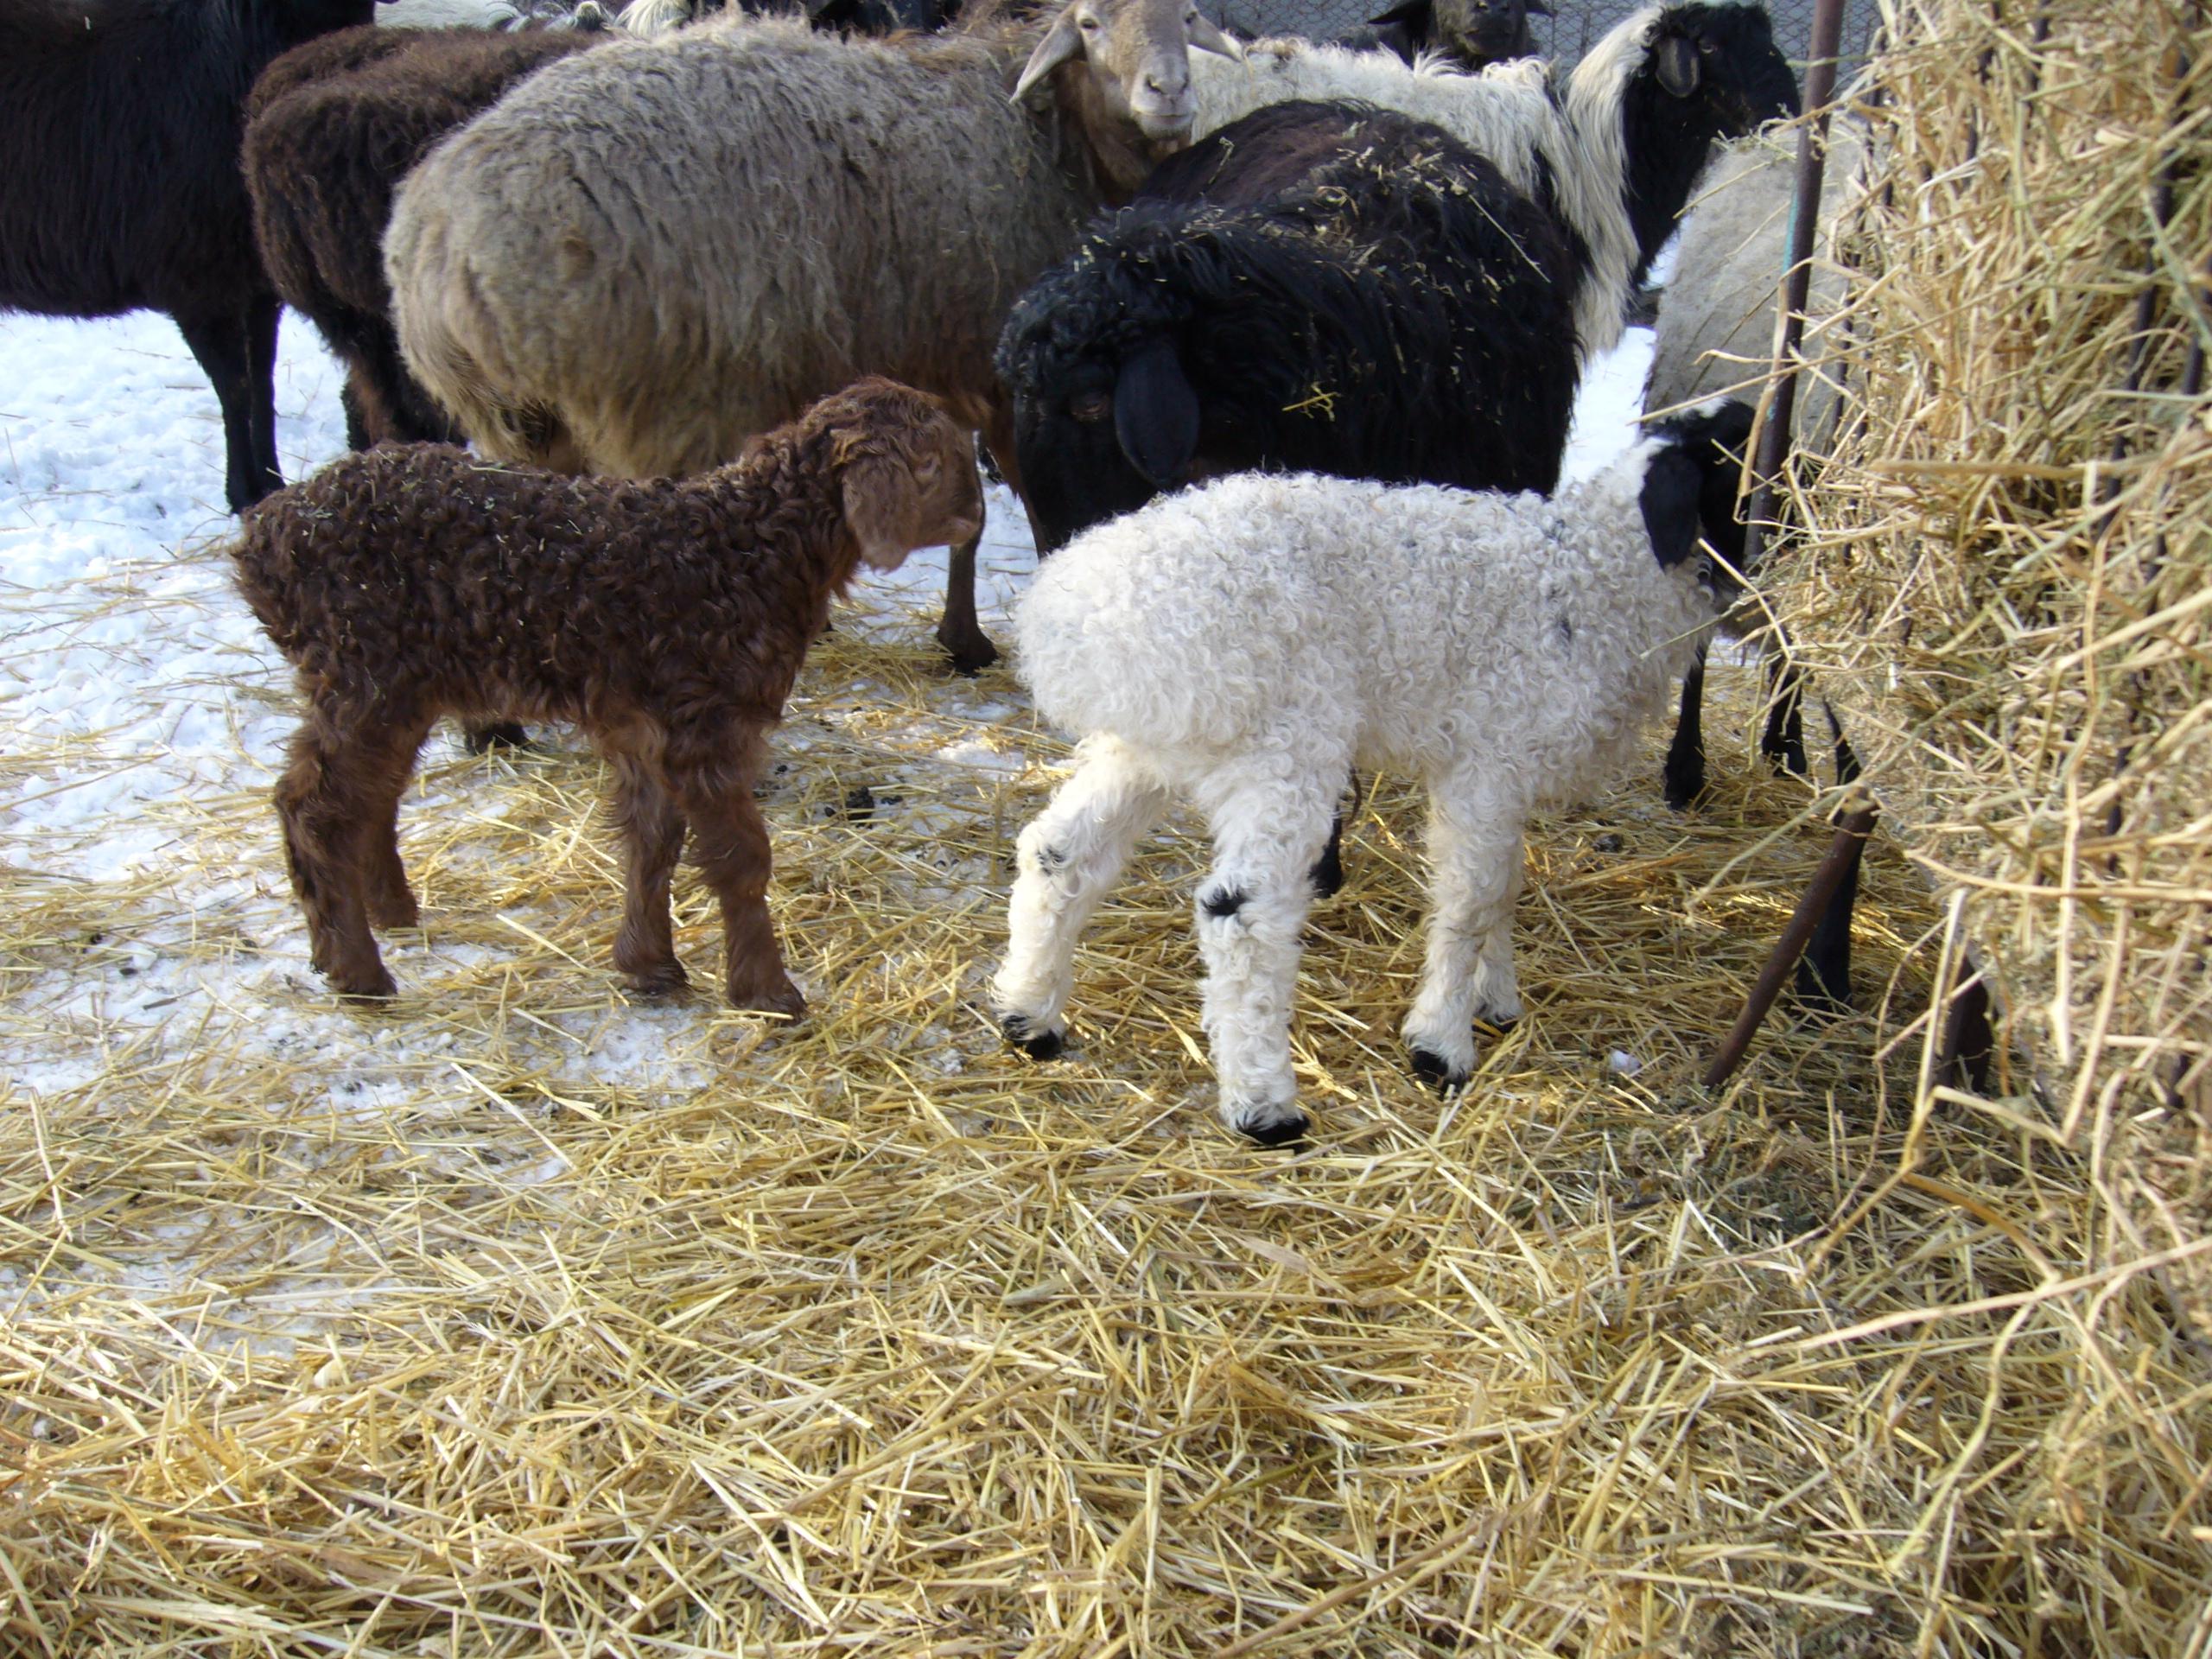 Курдючные овцы: характеристики и история происхождения